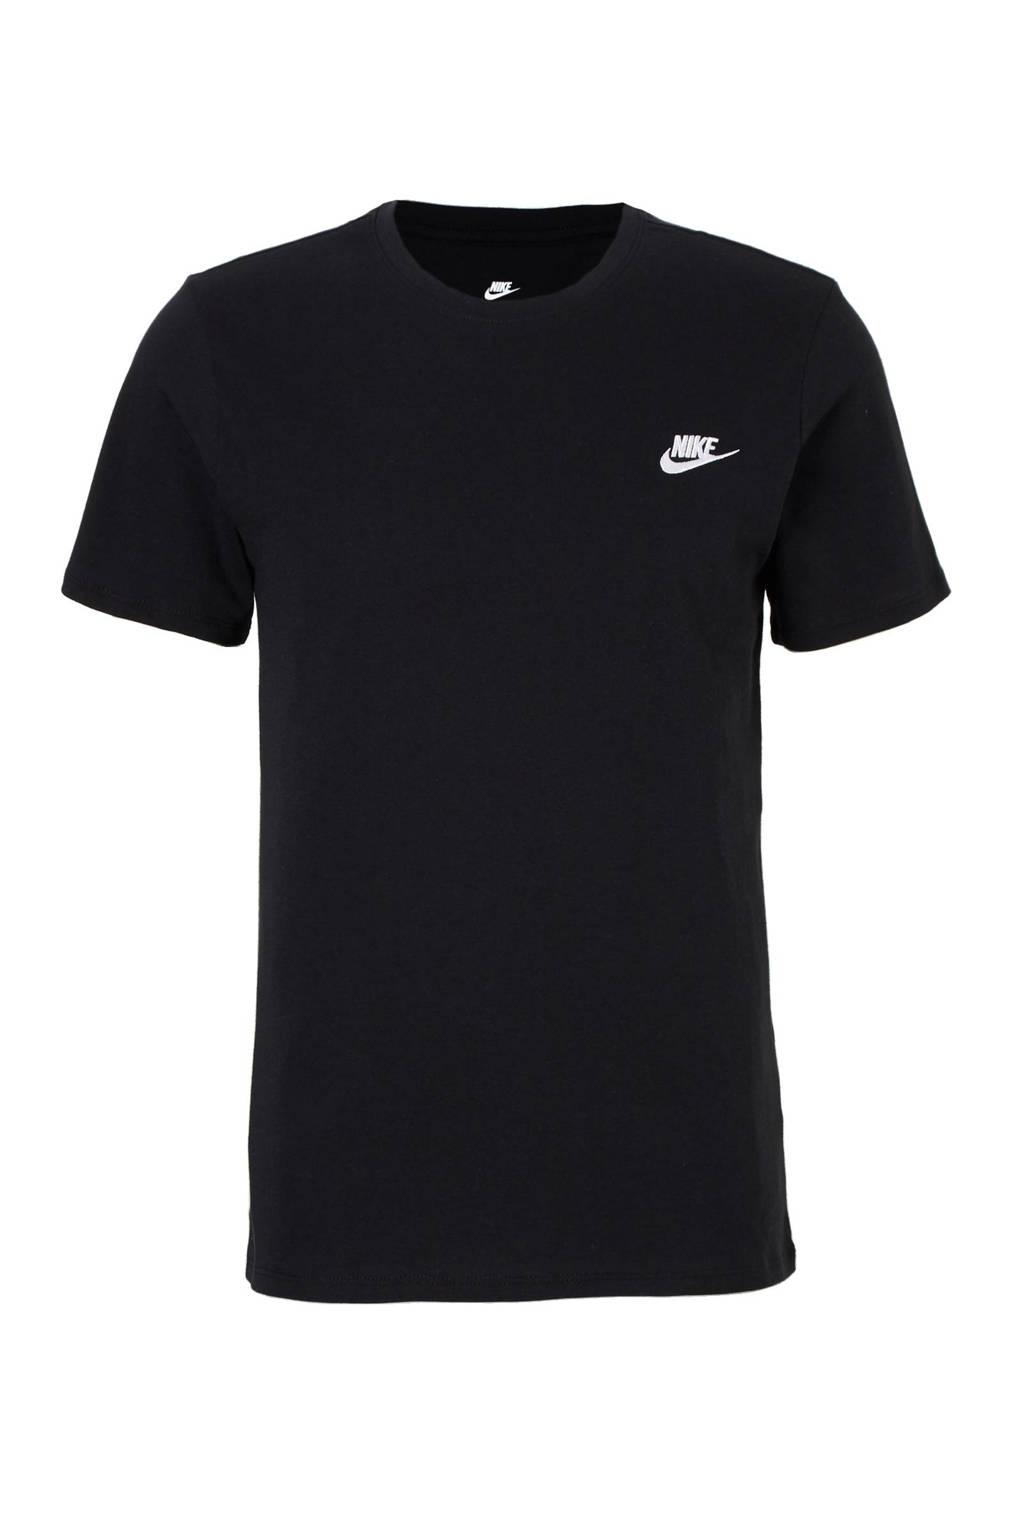 Nike   sport T-shirt, Zwart